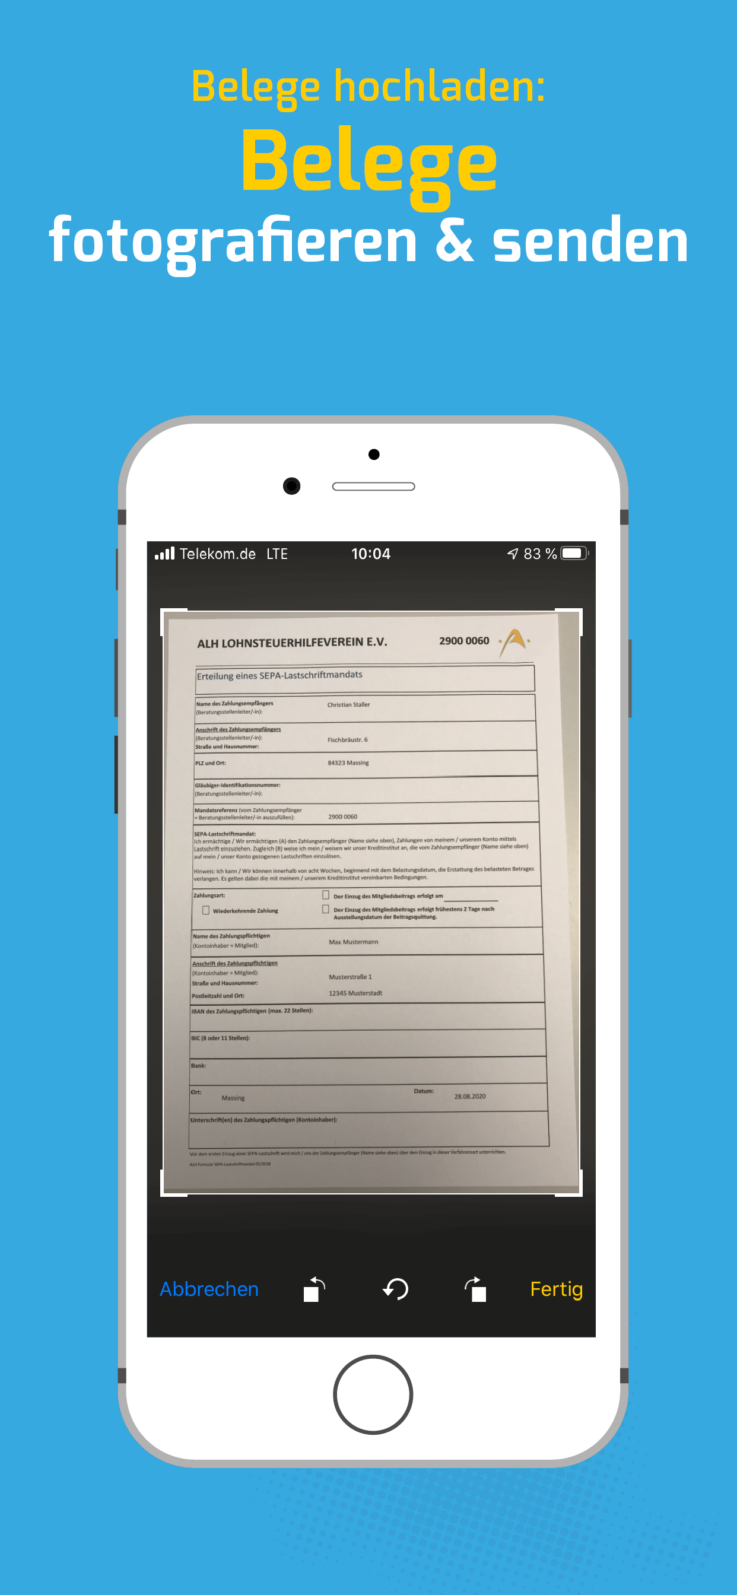 ALH Postbox App Belege hochladen Belege fotografieren & senden